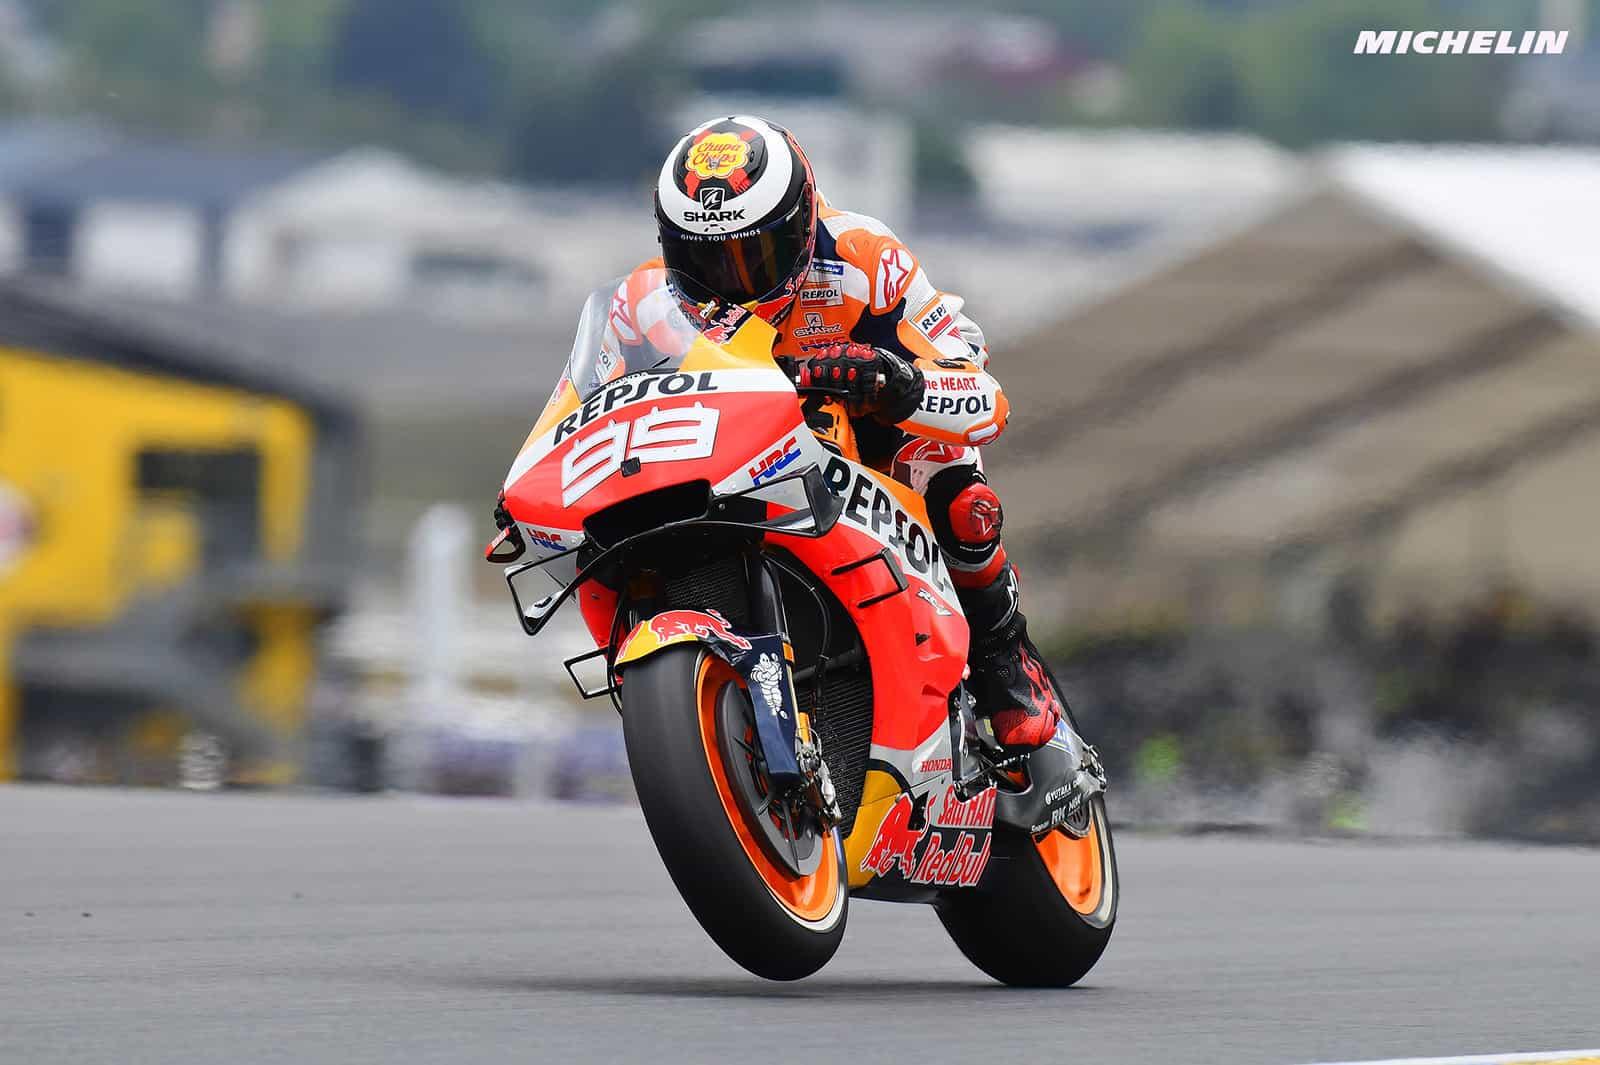 MotoGP2019フランスGP ホルへ・ロレンソ「コーナーエントリーで快適性が増した」